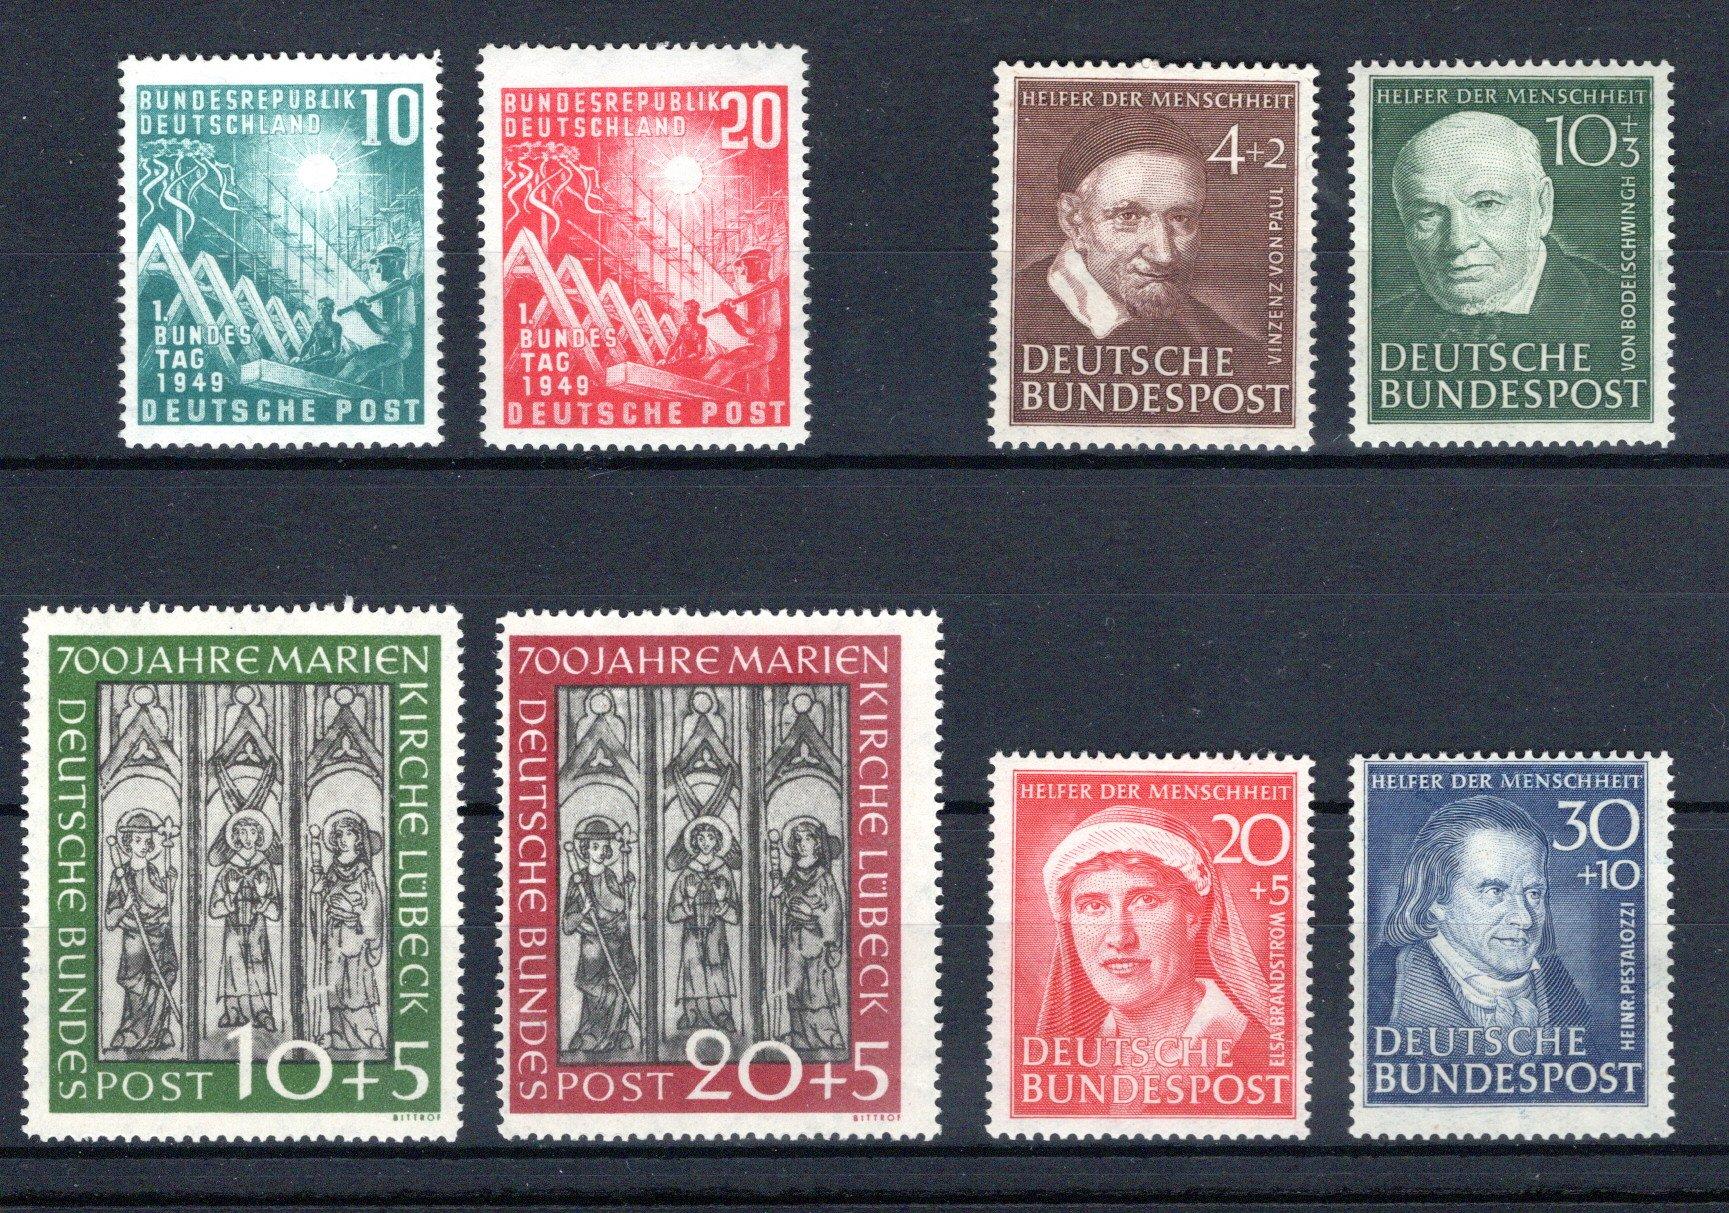 Lot 4261 - germany federal republic -  Georg Bühler Briefmarken Auktionen GmbH 27th mail bid auction